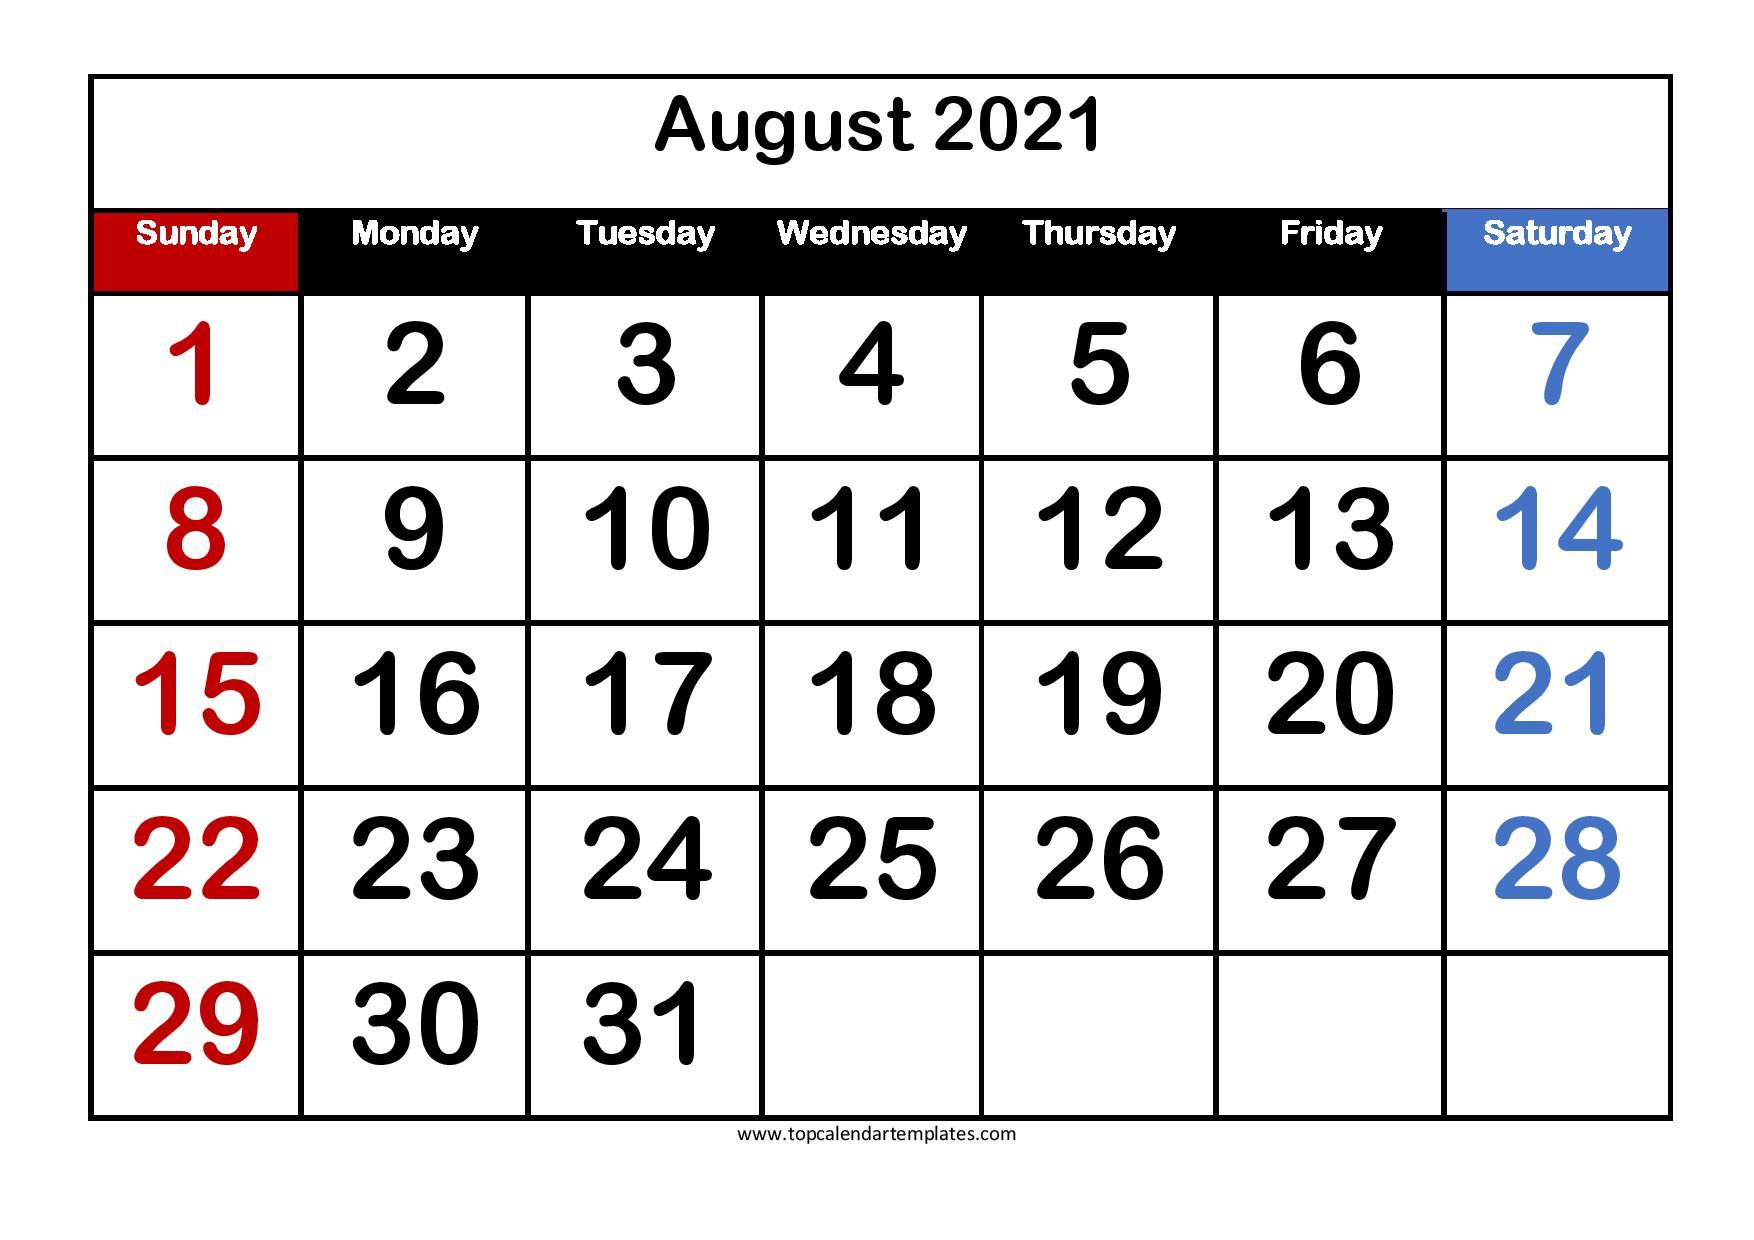 August 2021 Wallpaper Calendar Desktop Templates 1754x1240